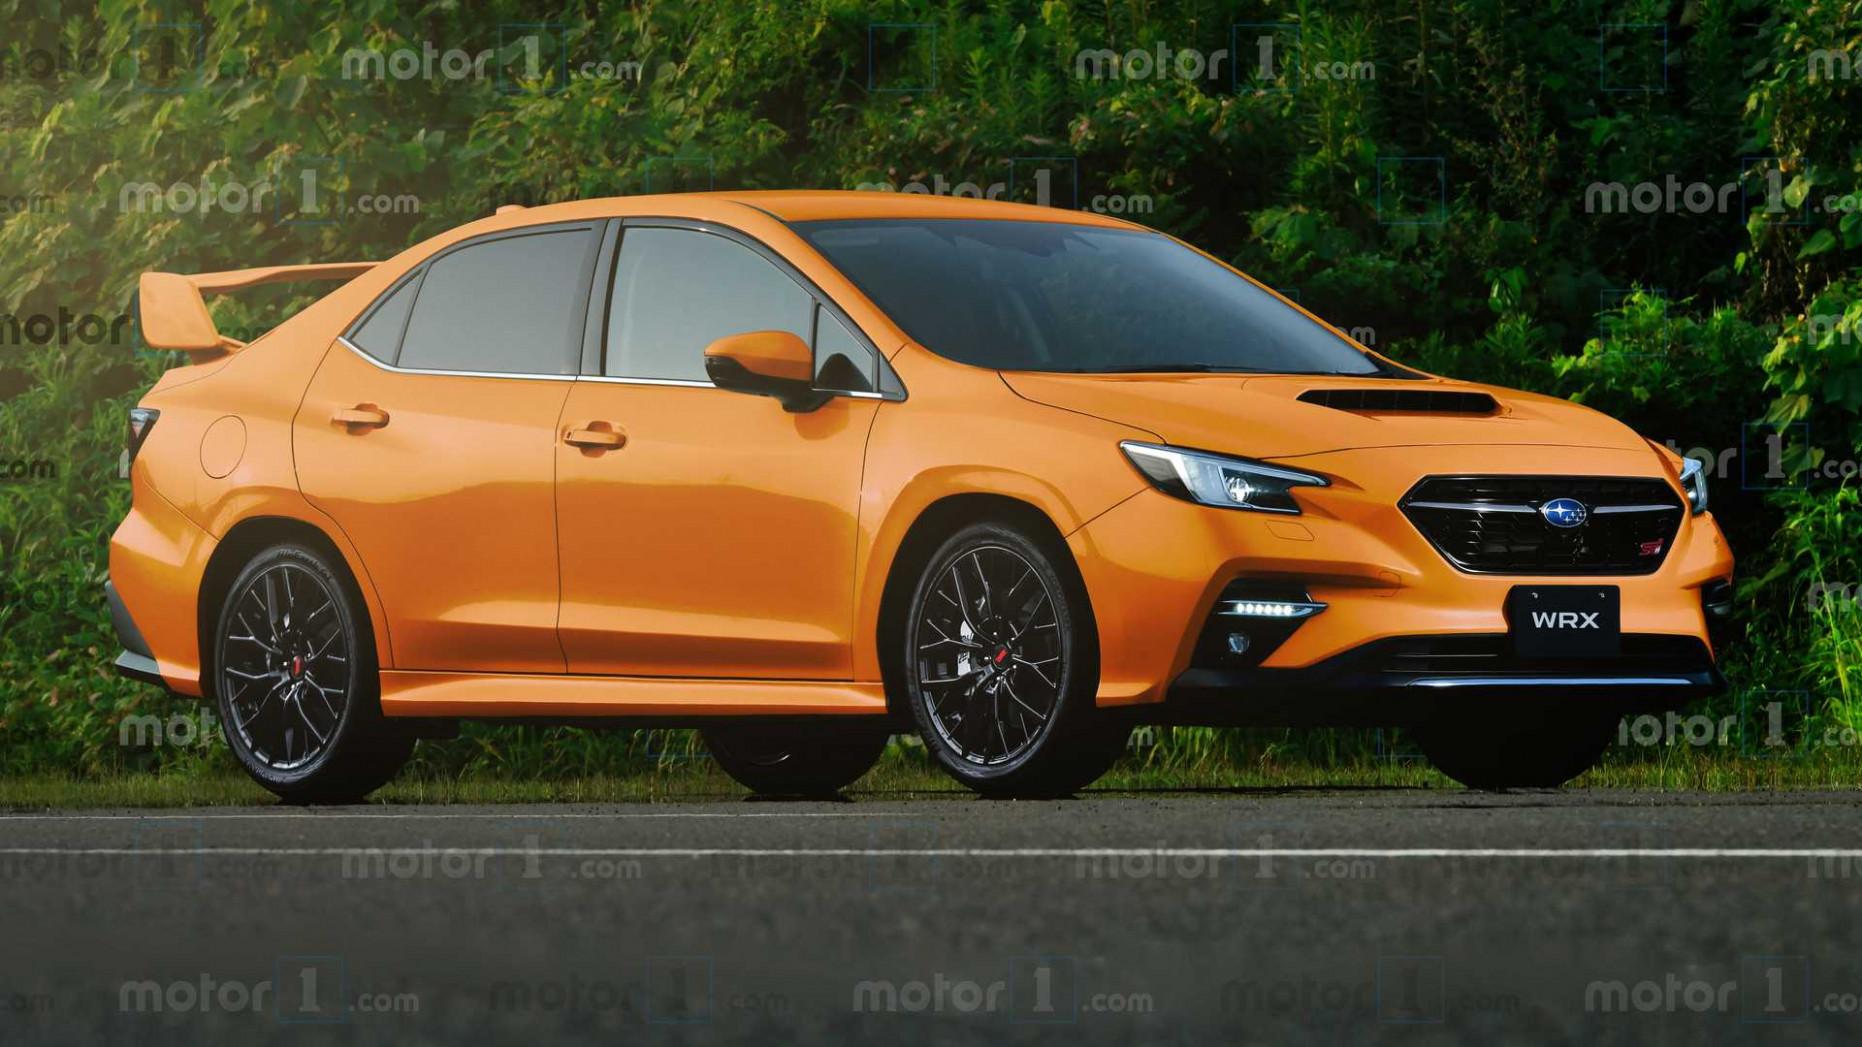 Pricing 2022 Subaru Ascent Release Date